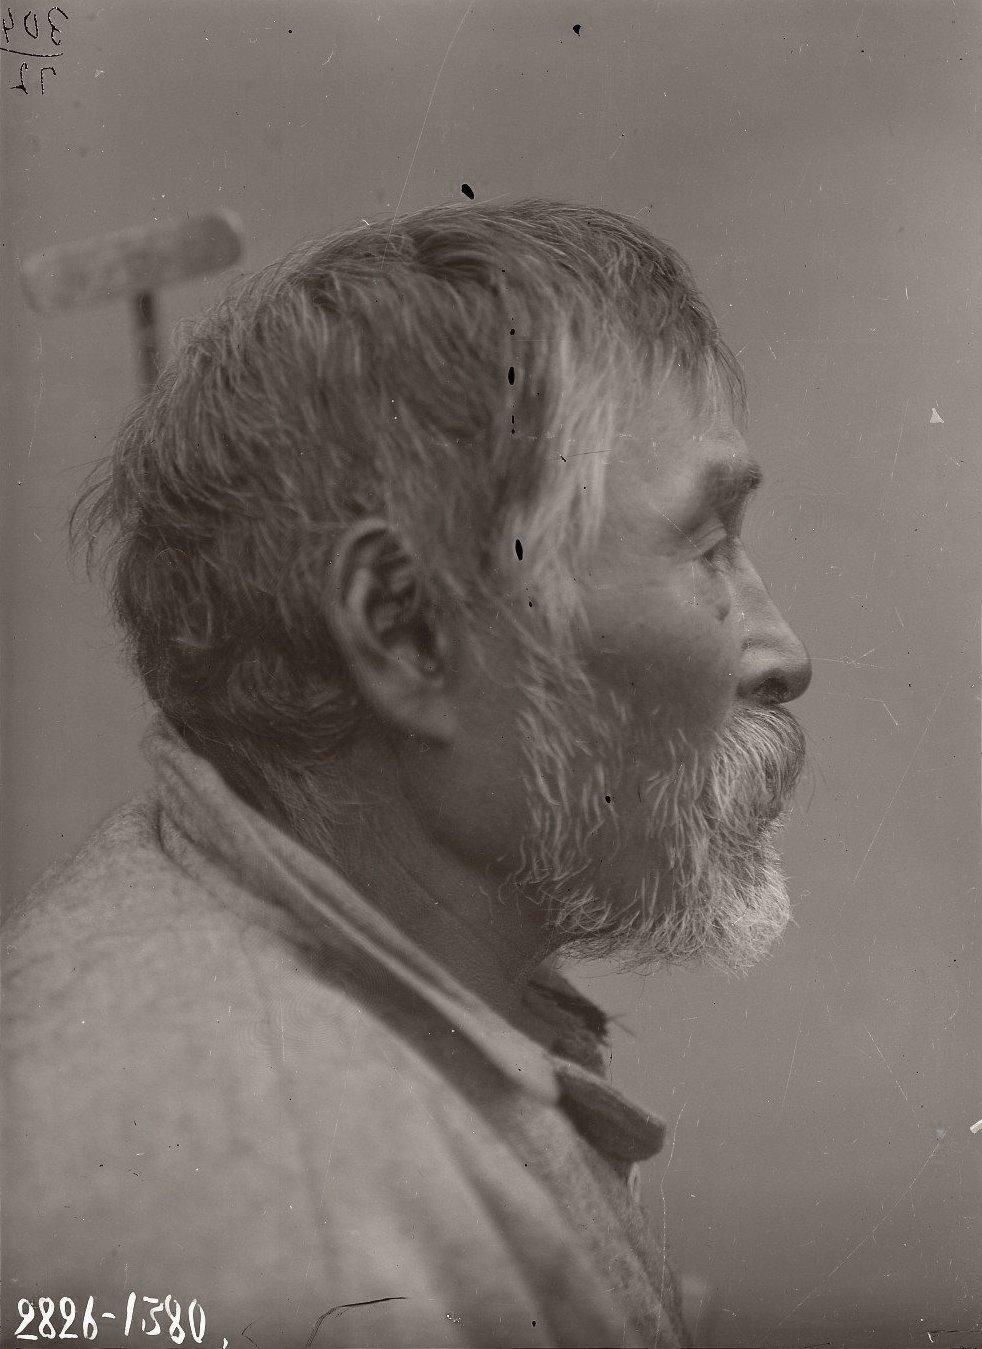 1909. Июнь - июль. Дионисий Худяков (профиль). Атту остров